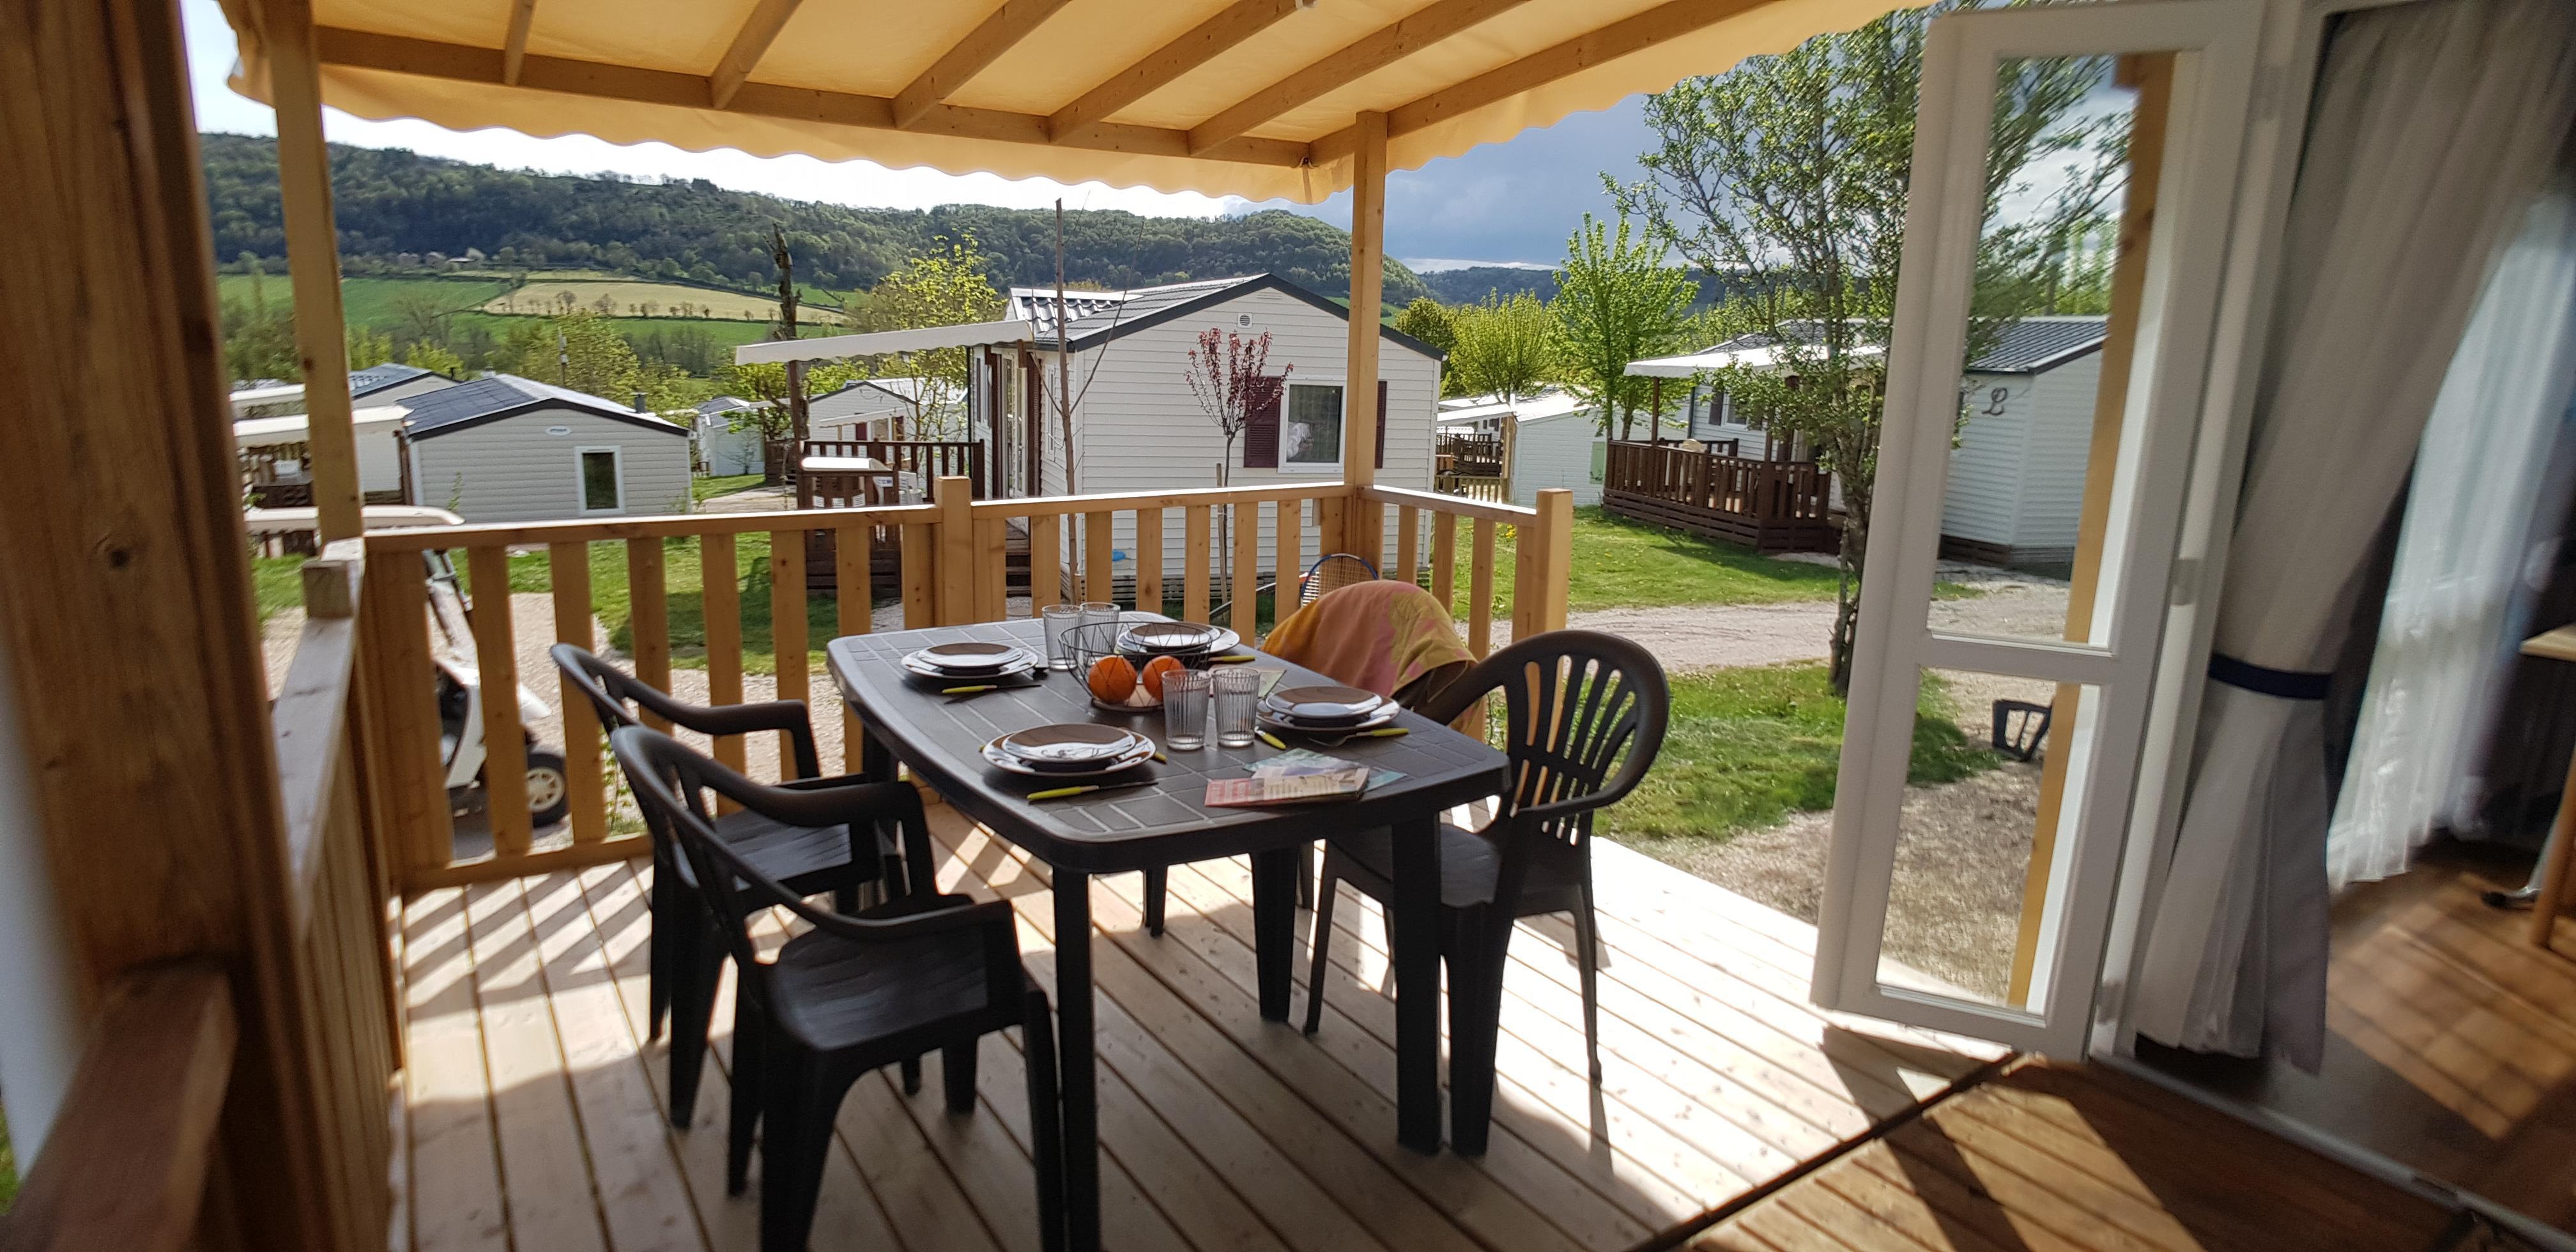 Mobilheim PREMIUM Loggia 30 m² - 2 schlafzimmer überdachte Terrasse